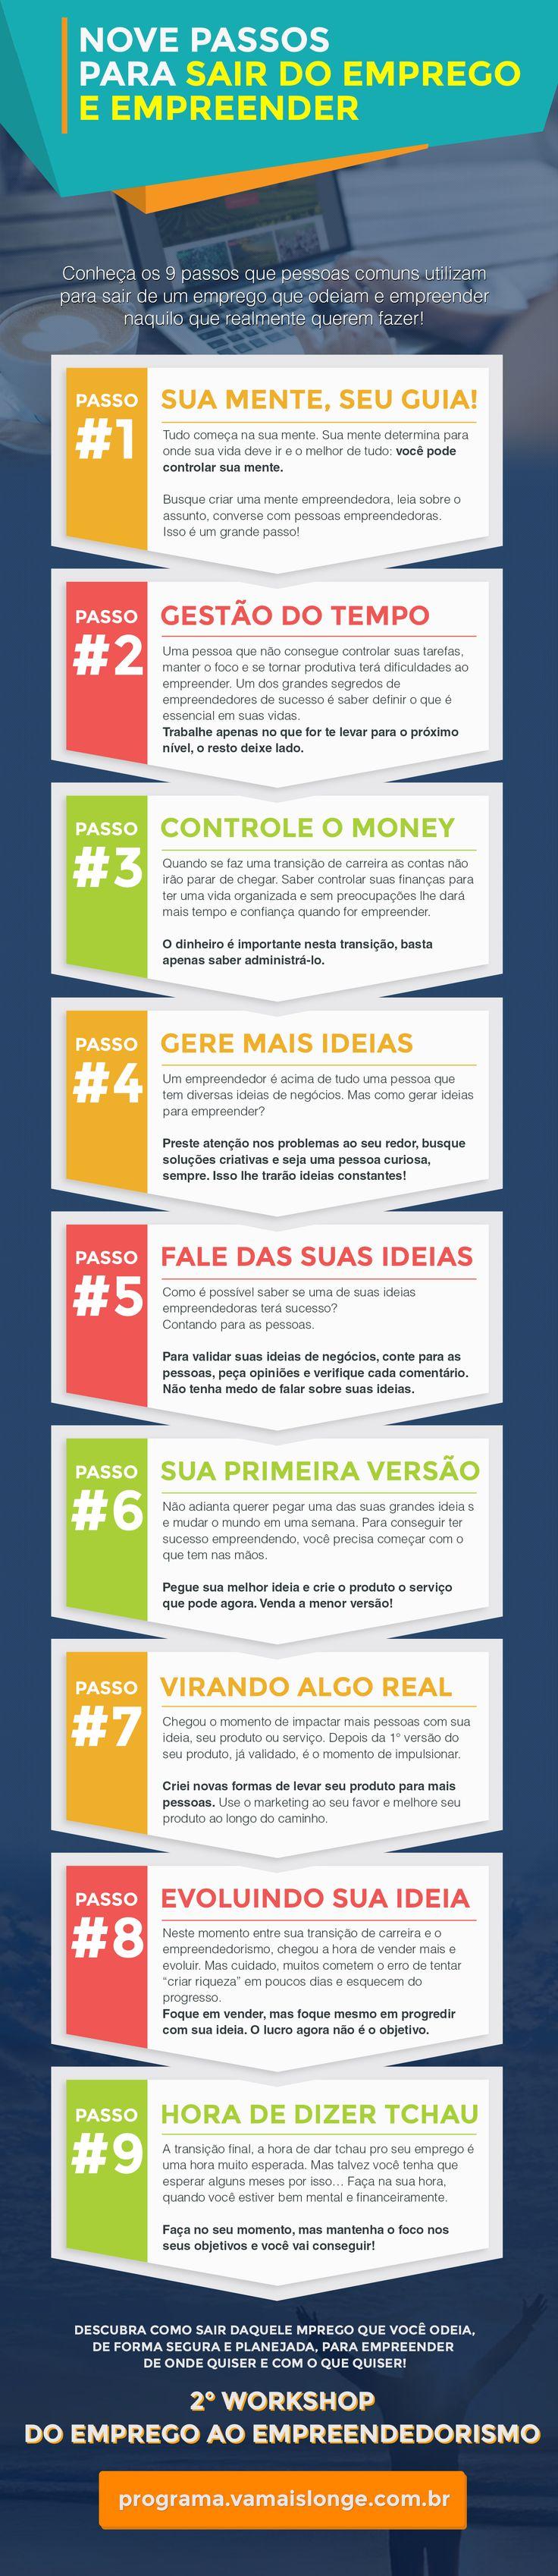 Infográfico - Nove Passos Para Sair do Emprego e Empreender…